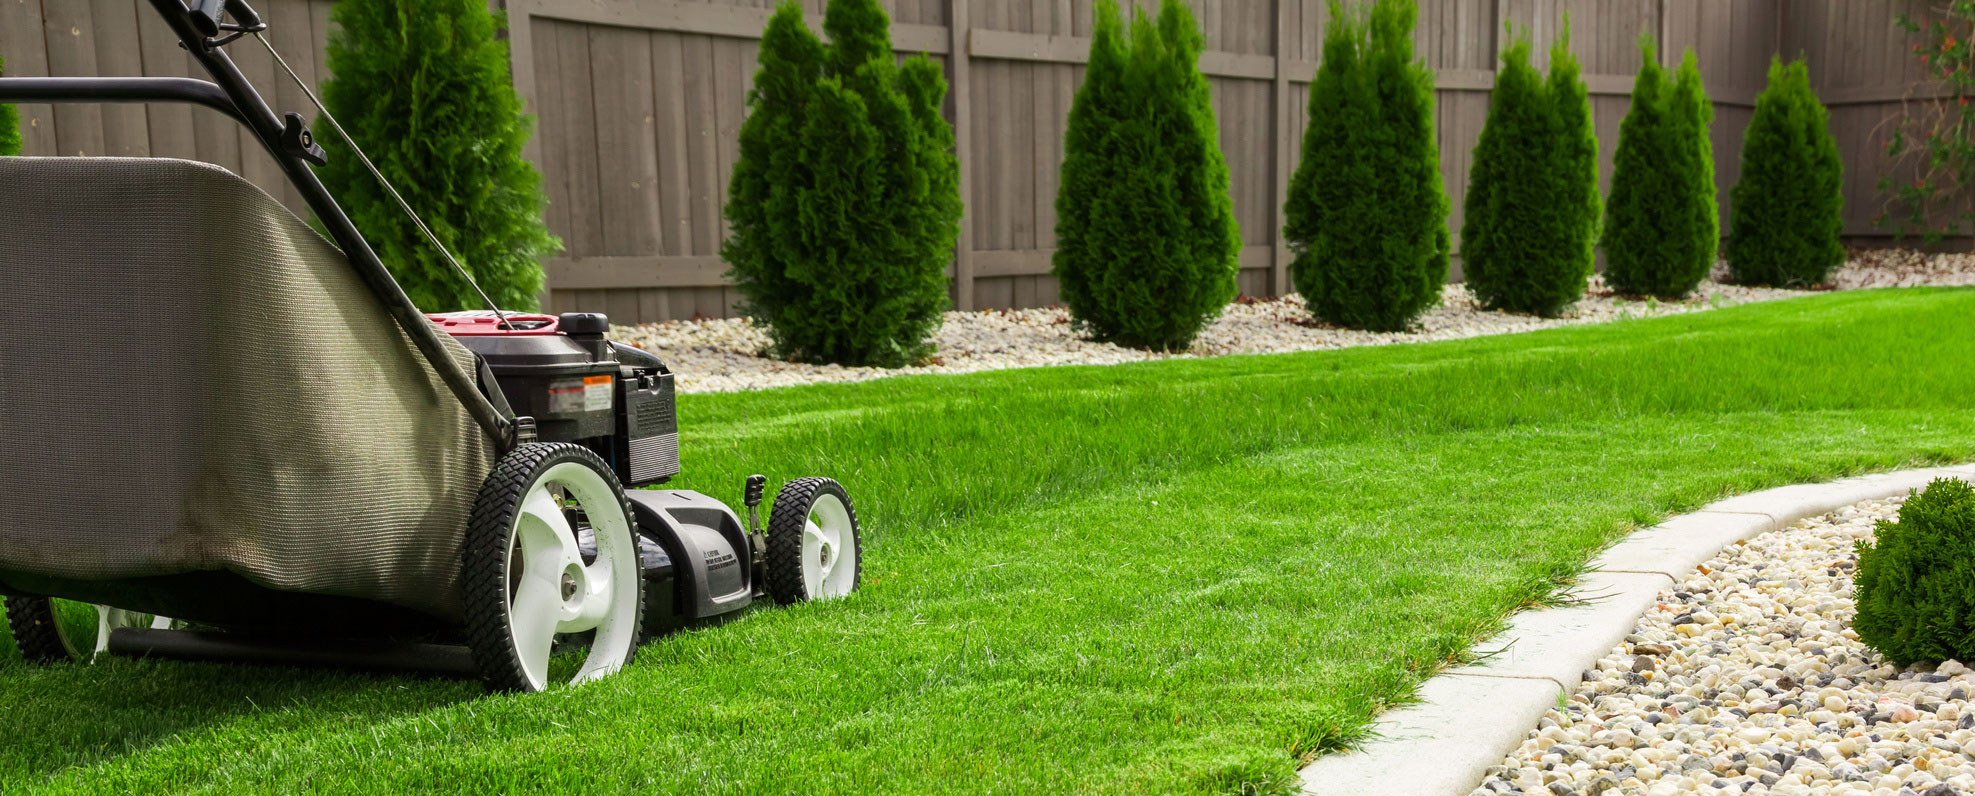 prodotti per giardinaggio bs